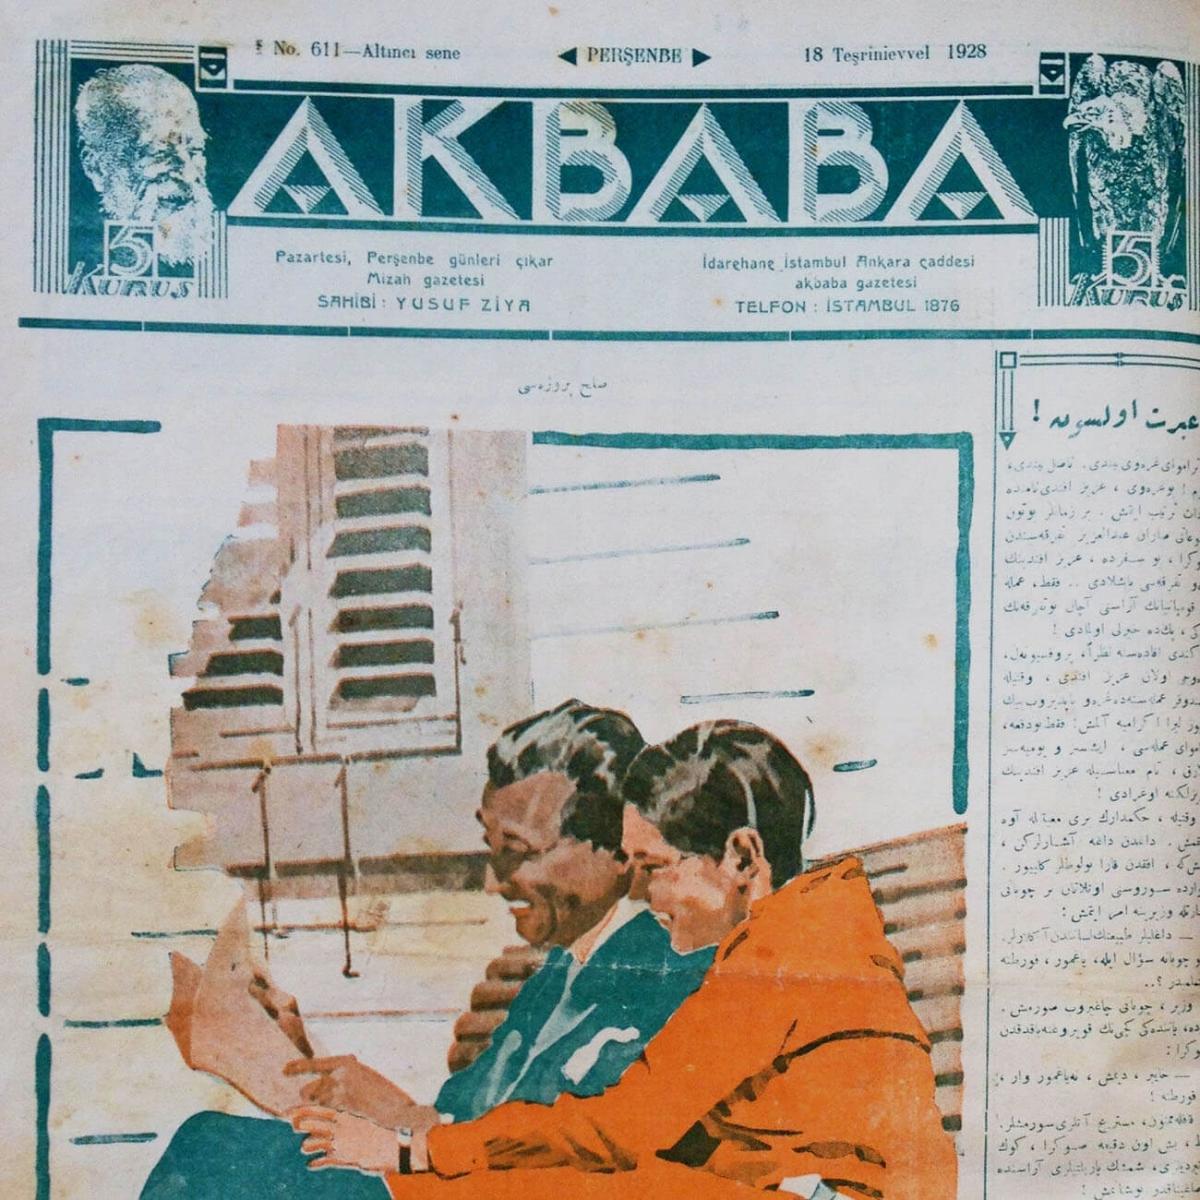 1928 -1931 yılları arasında Akbaba Gazetesi 611. sayıdan 875. sayıya kadar gazete formatında yayımlanmıştır